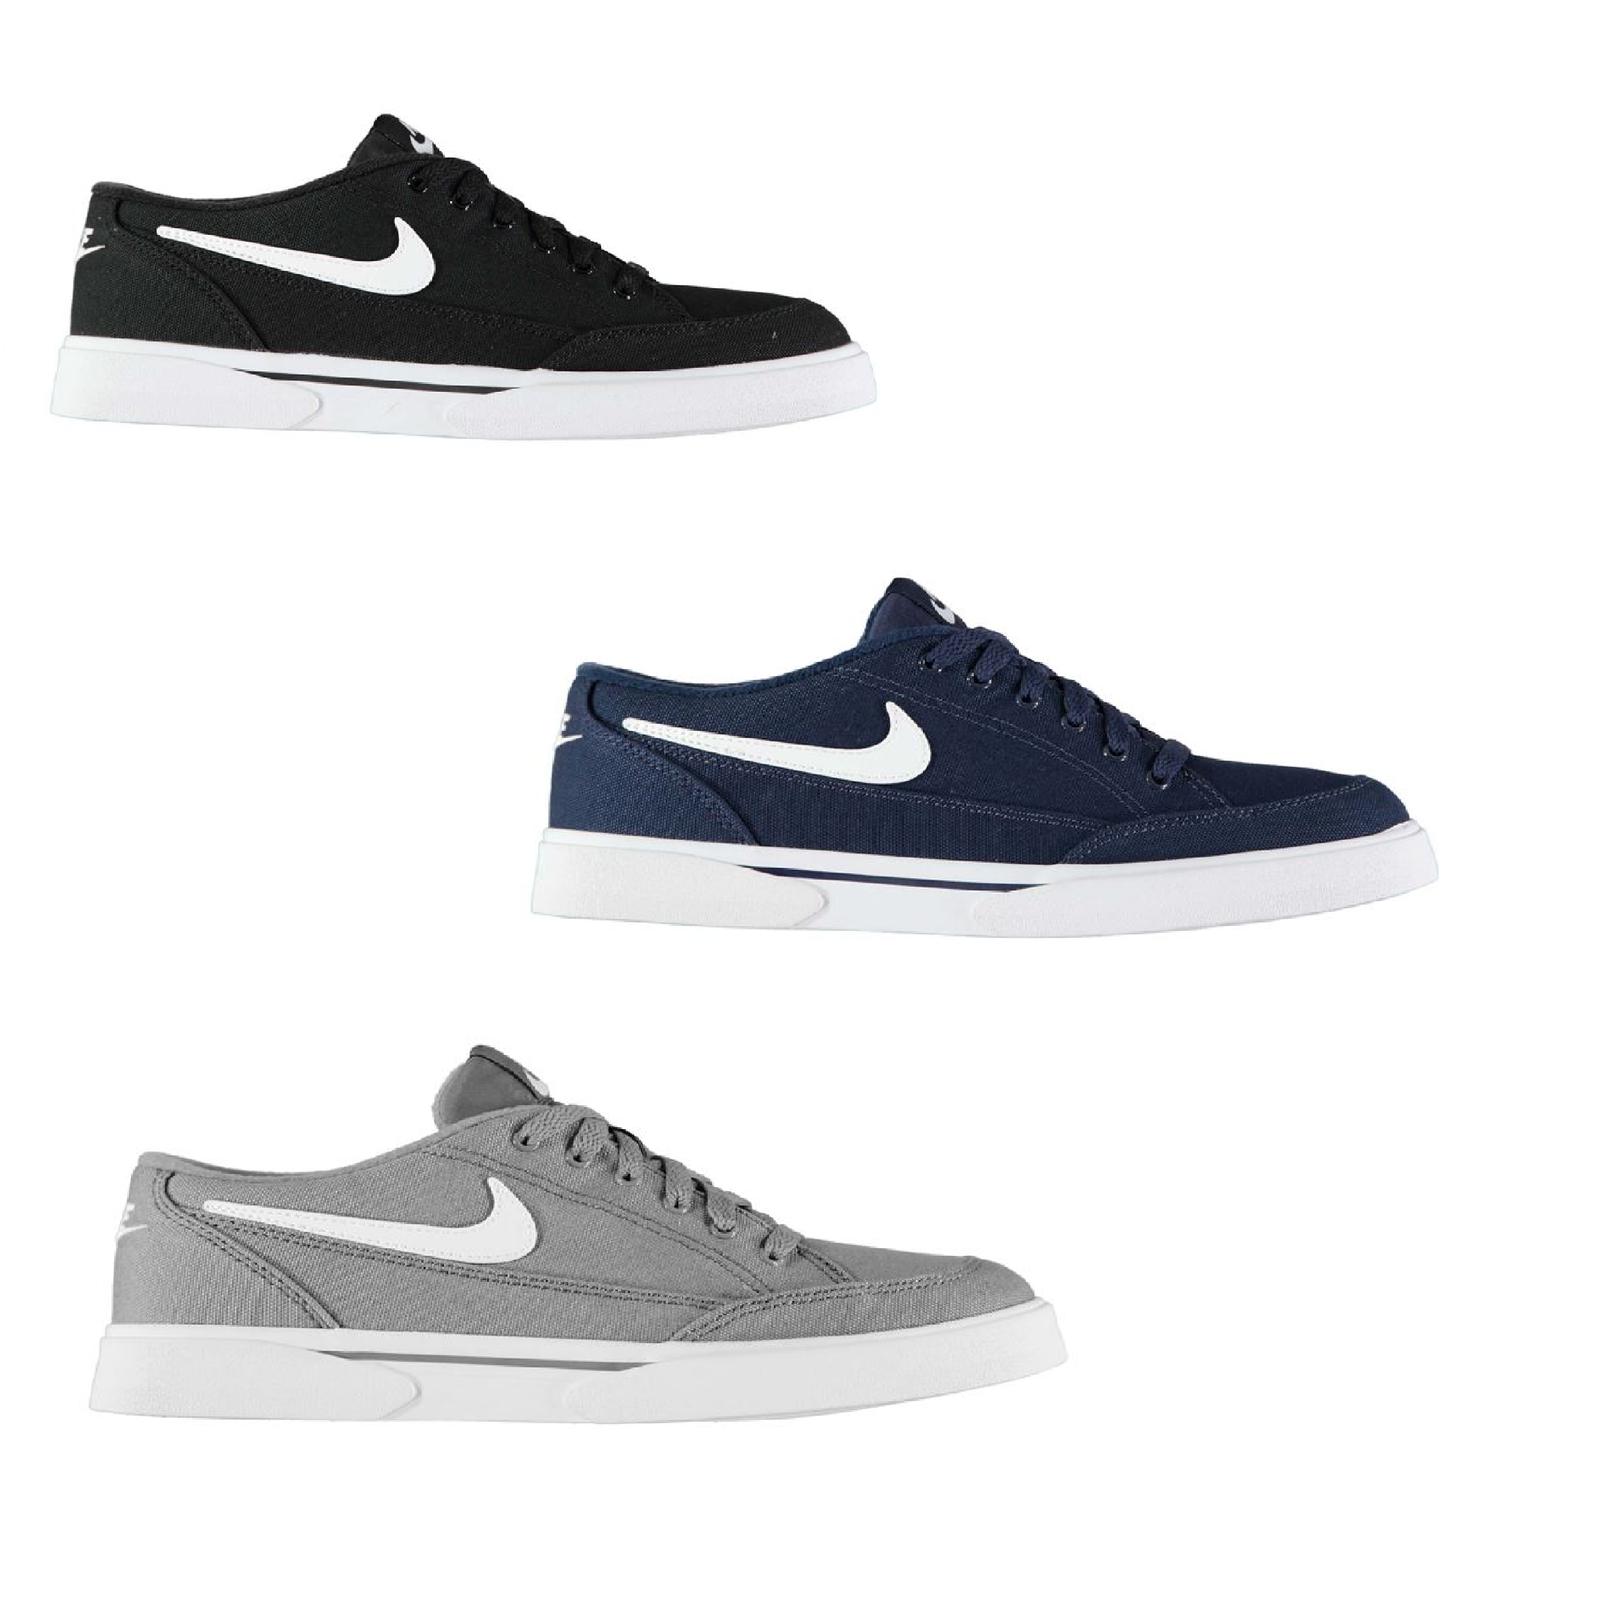 Nike Zapatos Hombre Zapatillas Zapatillas Zapatillas Trainers GTS 16